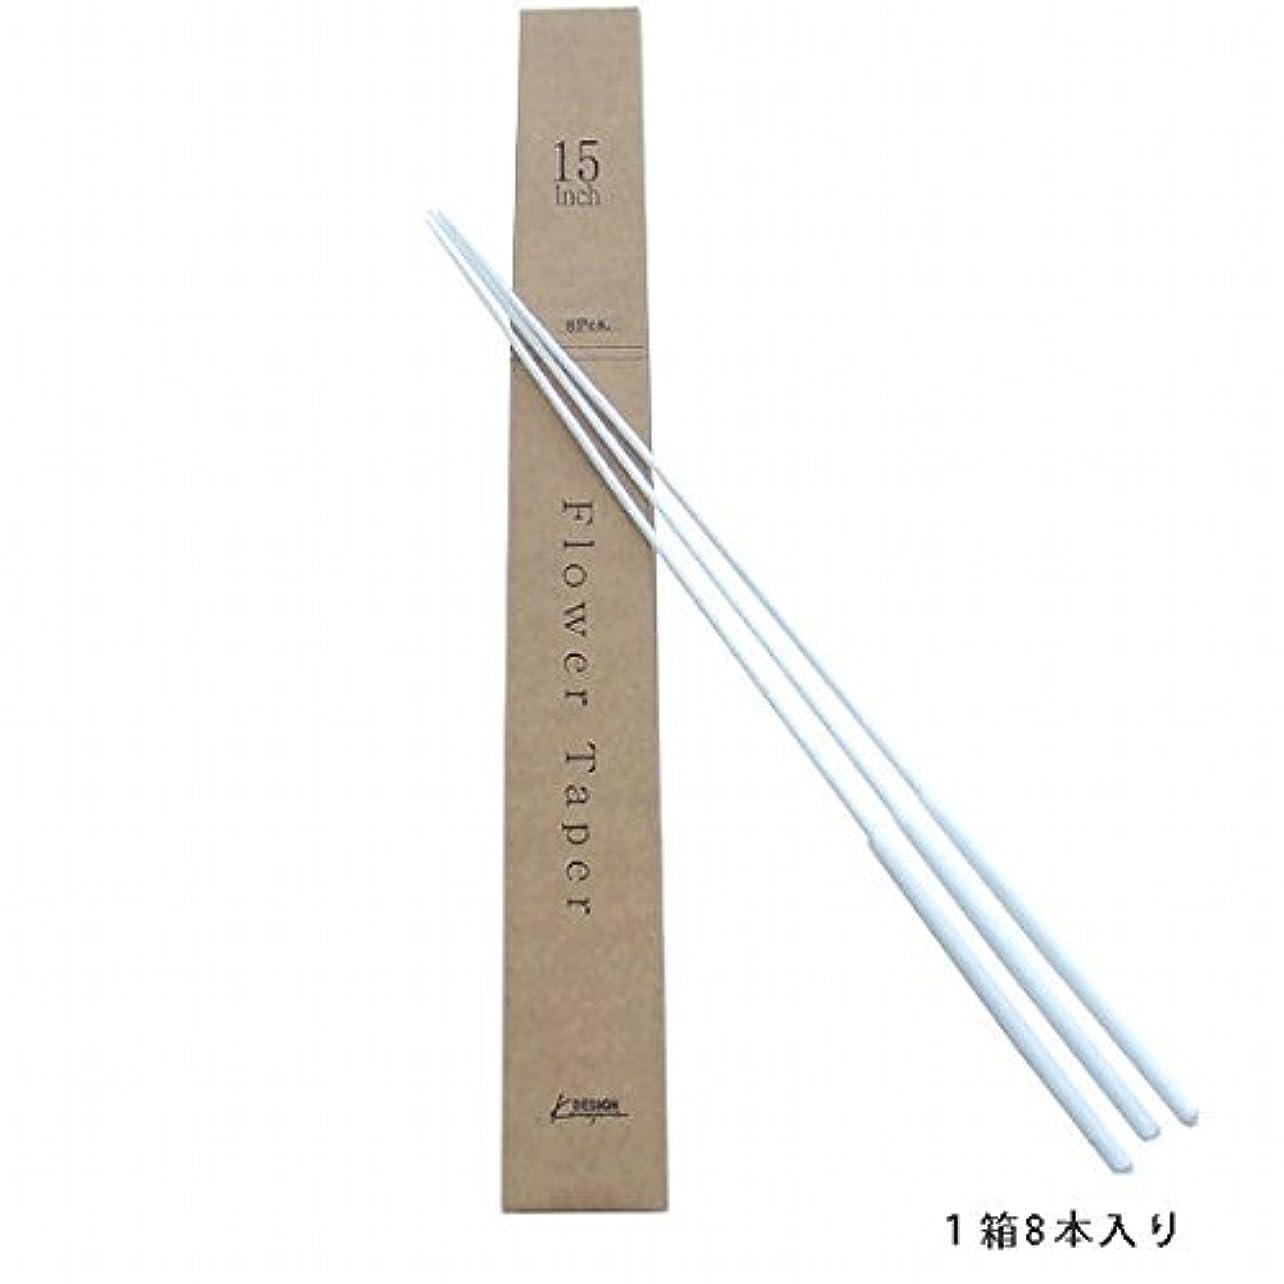 野球模索スリチンモイカメヤマキャンドル( kameyama candle ) 15インチトーチ用フラワーテーパー 8本入 「 ホワイト 」